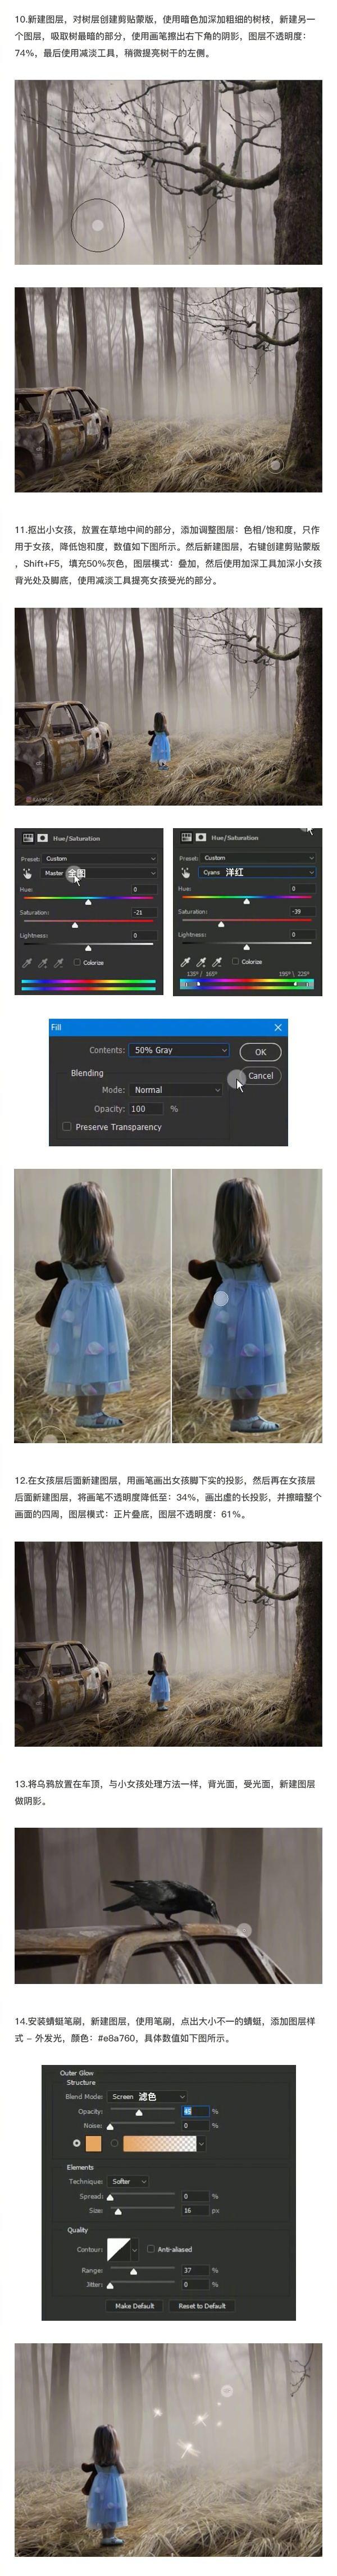 Photoshop合成在梦幻森林中的小女孩场景,PS教程,素材中国网